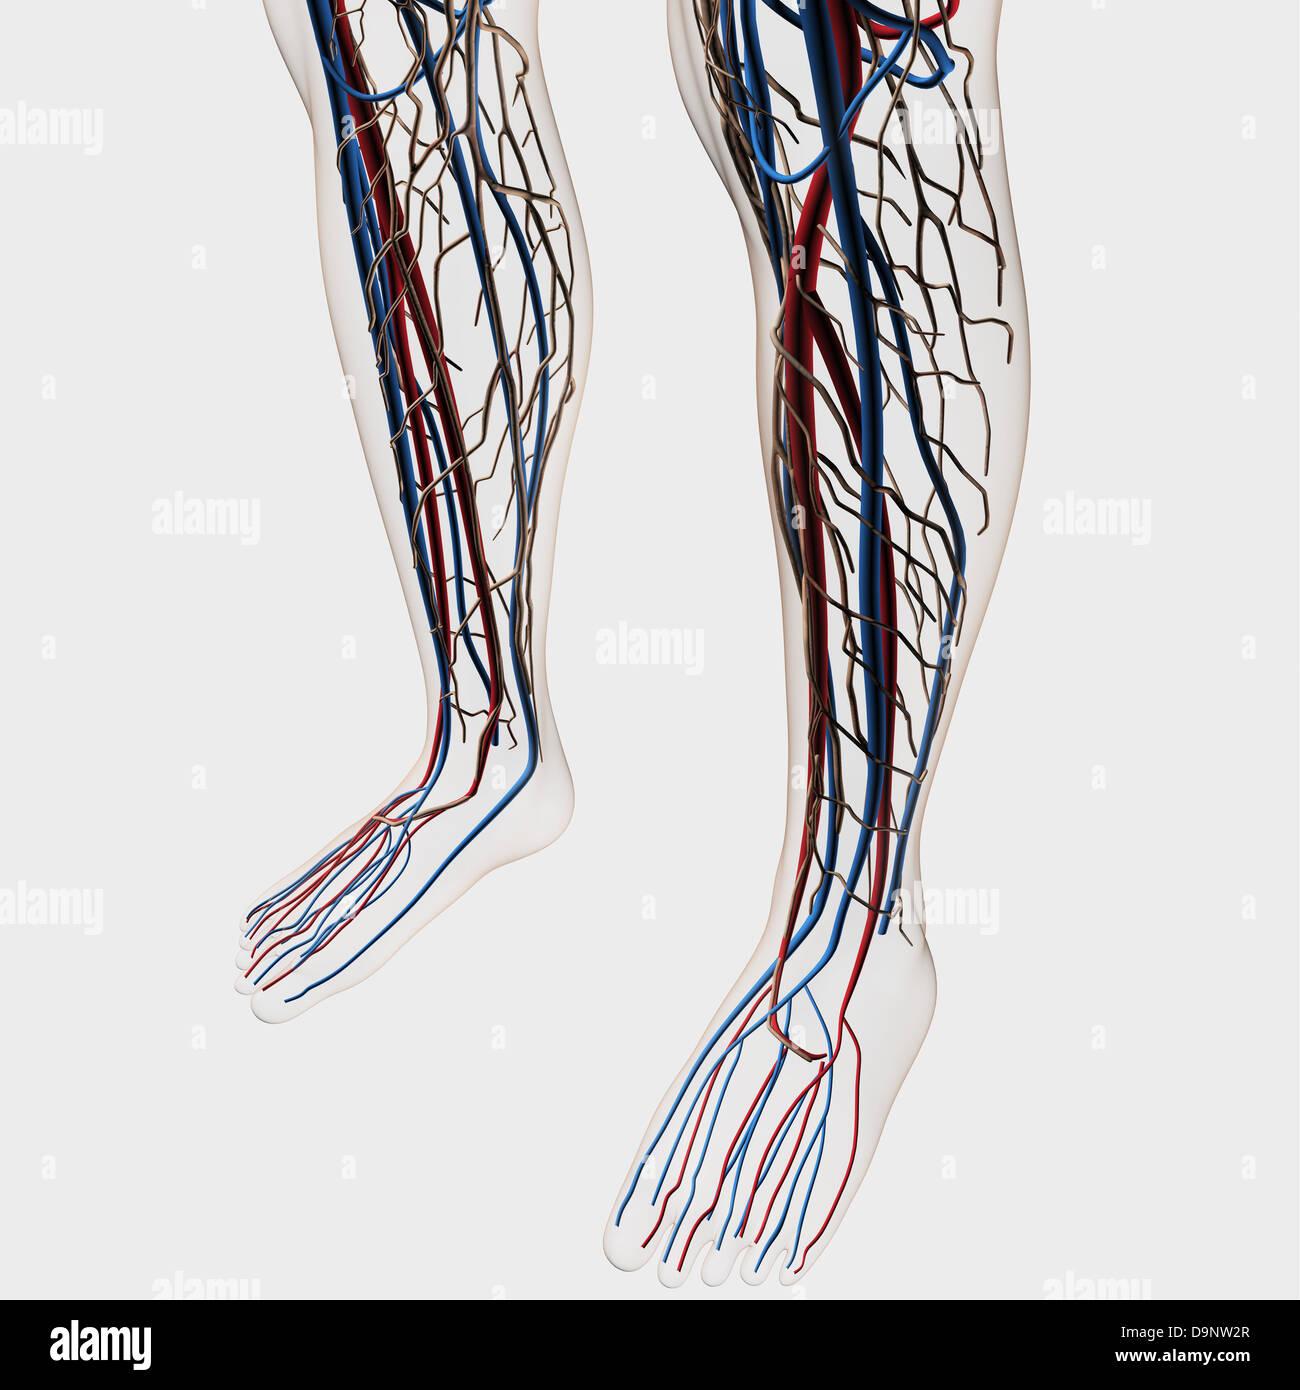 Medizinische Illustration der Arterien, Venen und Lymphsystem in ...